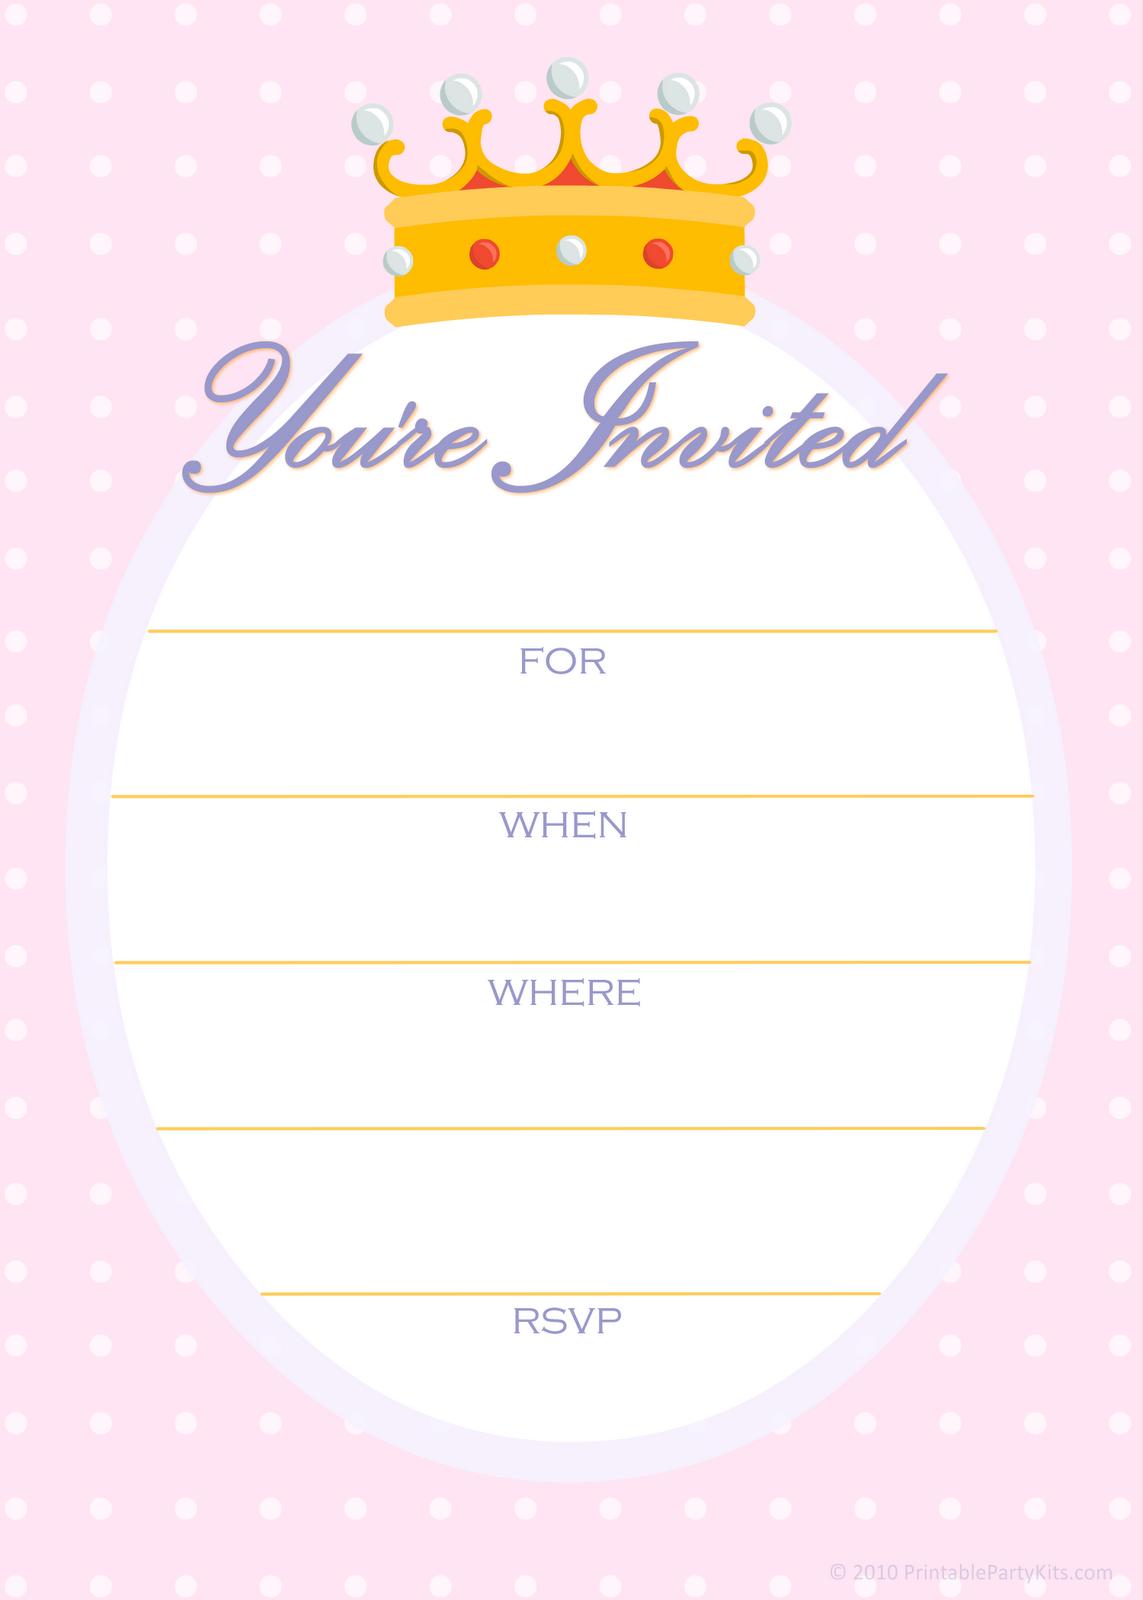 blanks on pinterest free printable invitations on pinterest free printable party owl - Blank Party Invitations